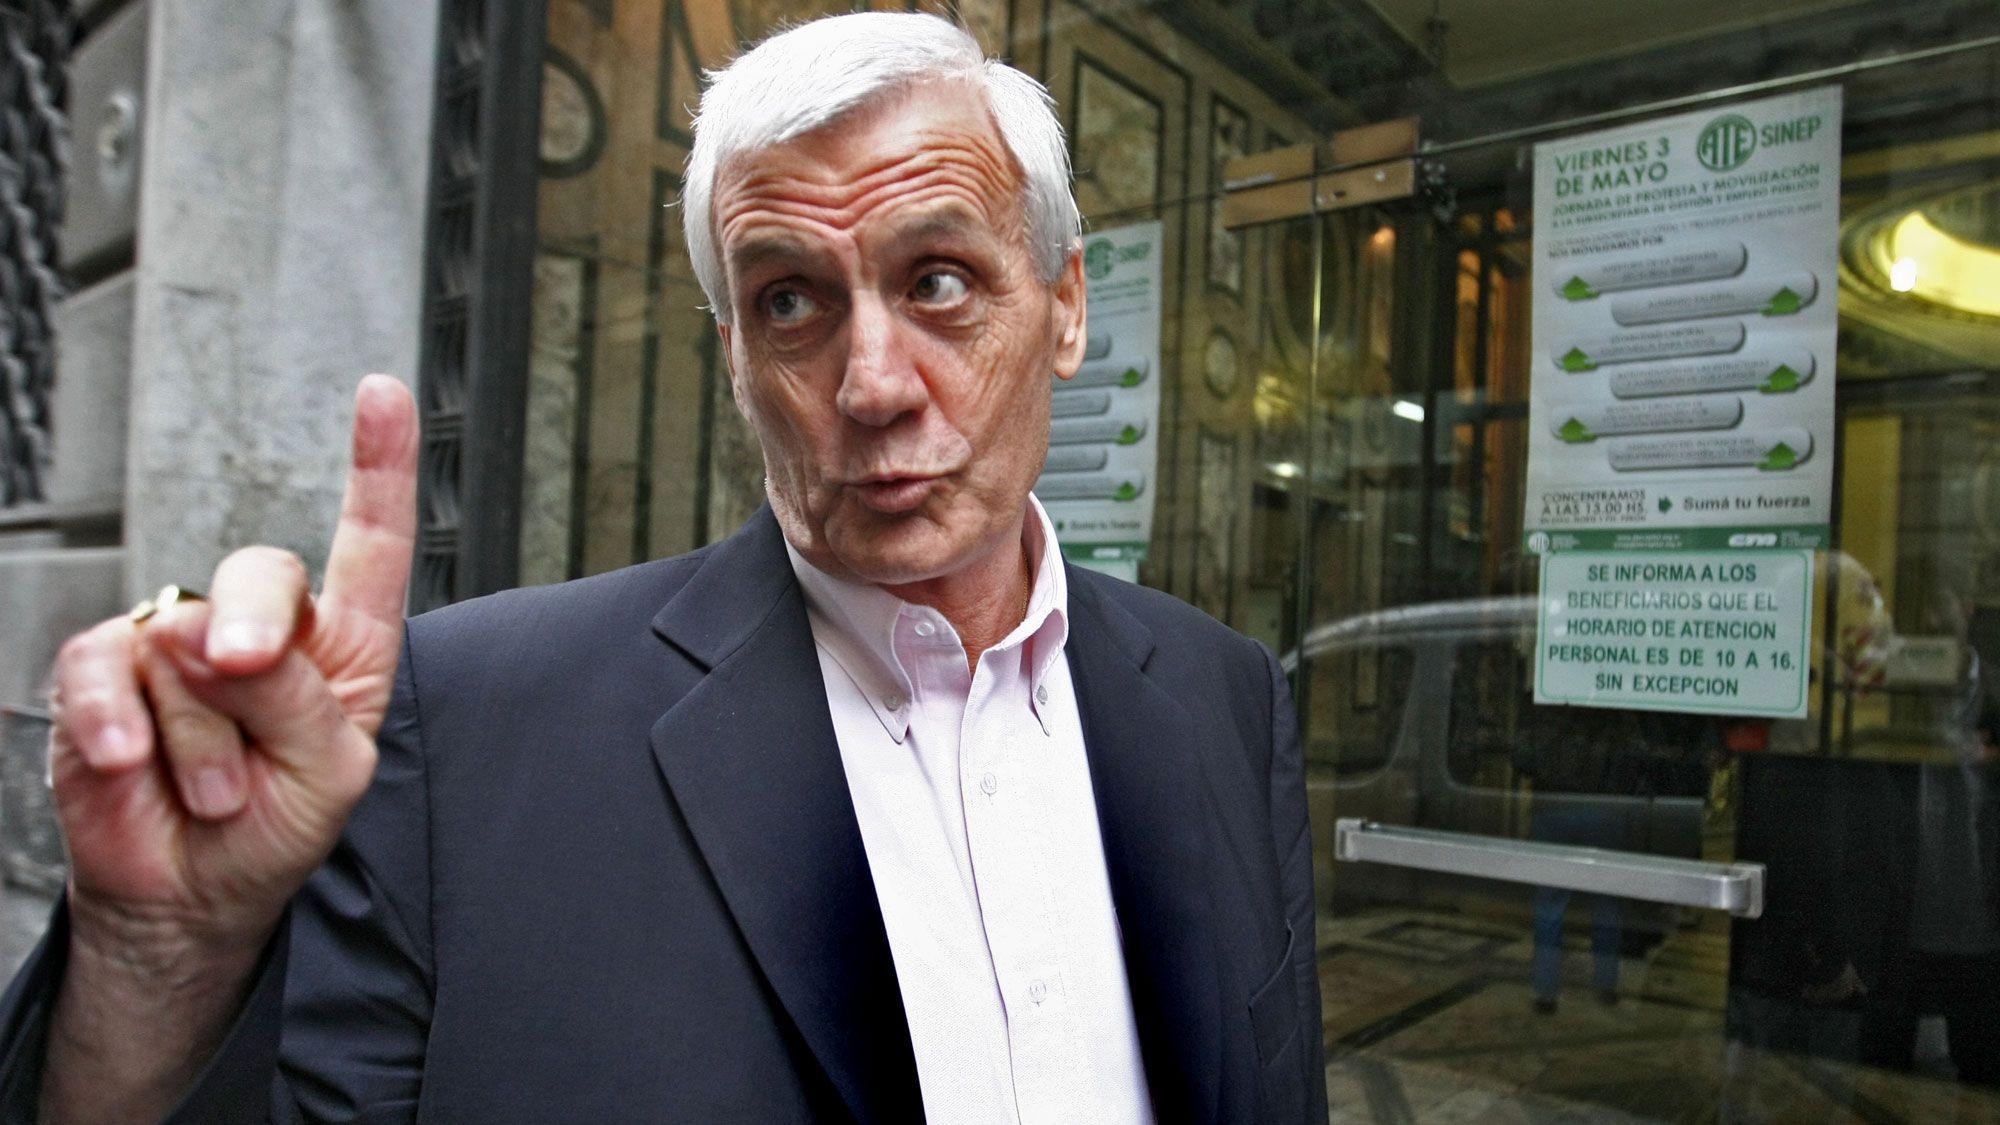 Antonio Caló criticó medidas del Gobierno pero se mostró dispuesto a dialogar